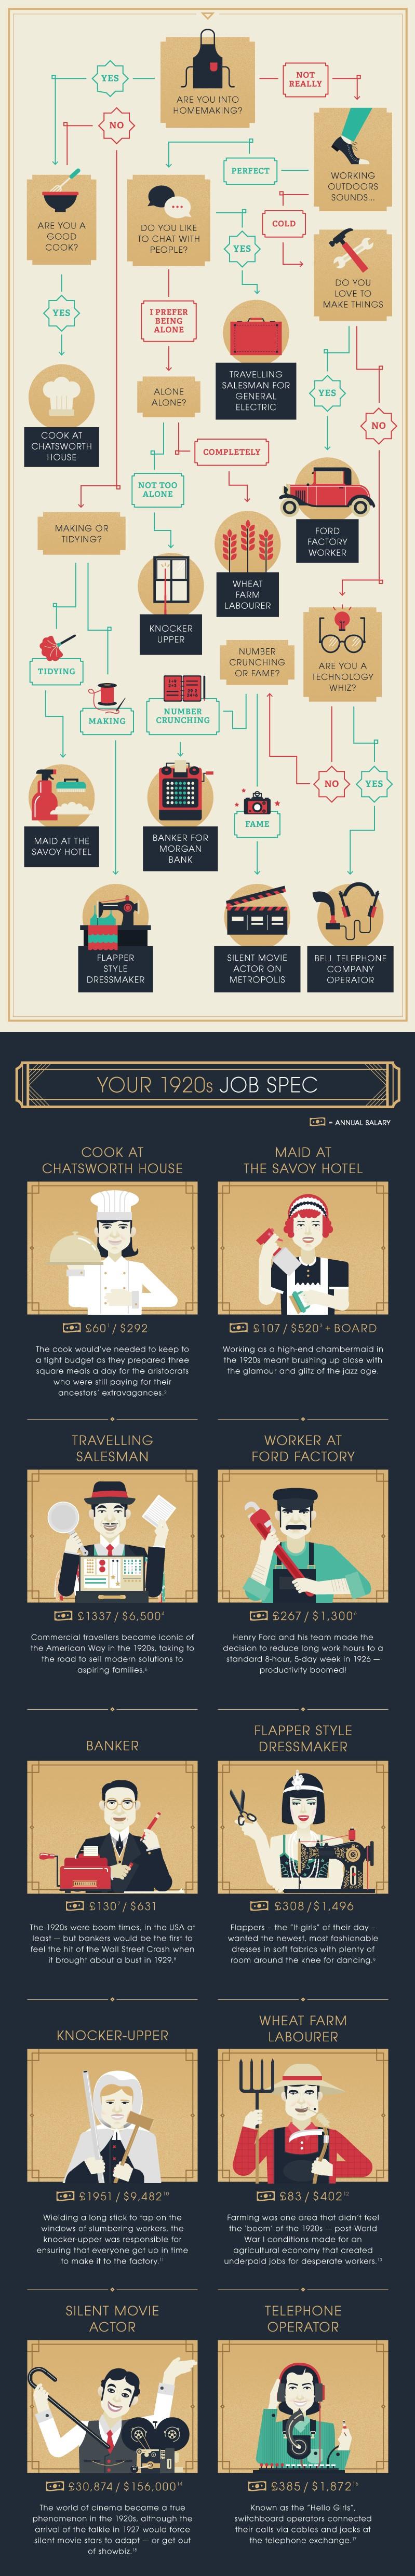 Katero službo bi imeli, če bi živeli 100 let nazaj?